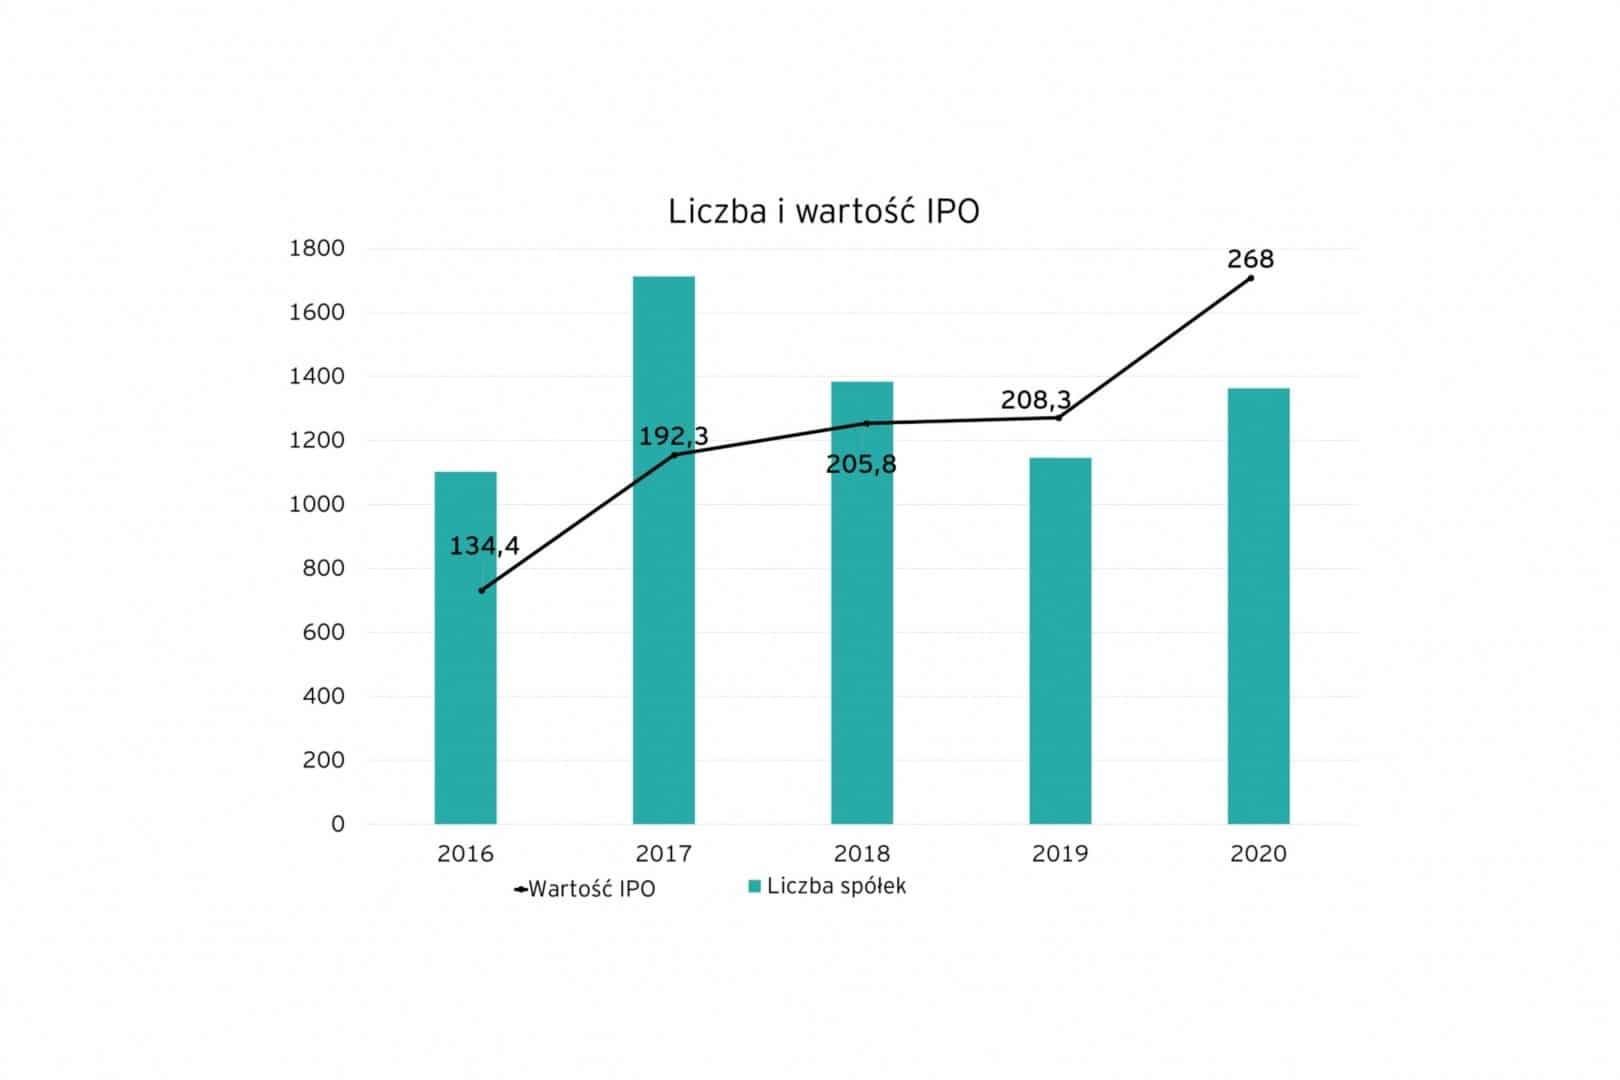 Liczba i wartość IPO na świecie